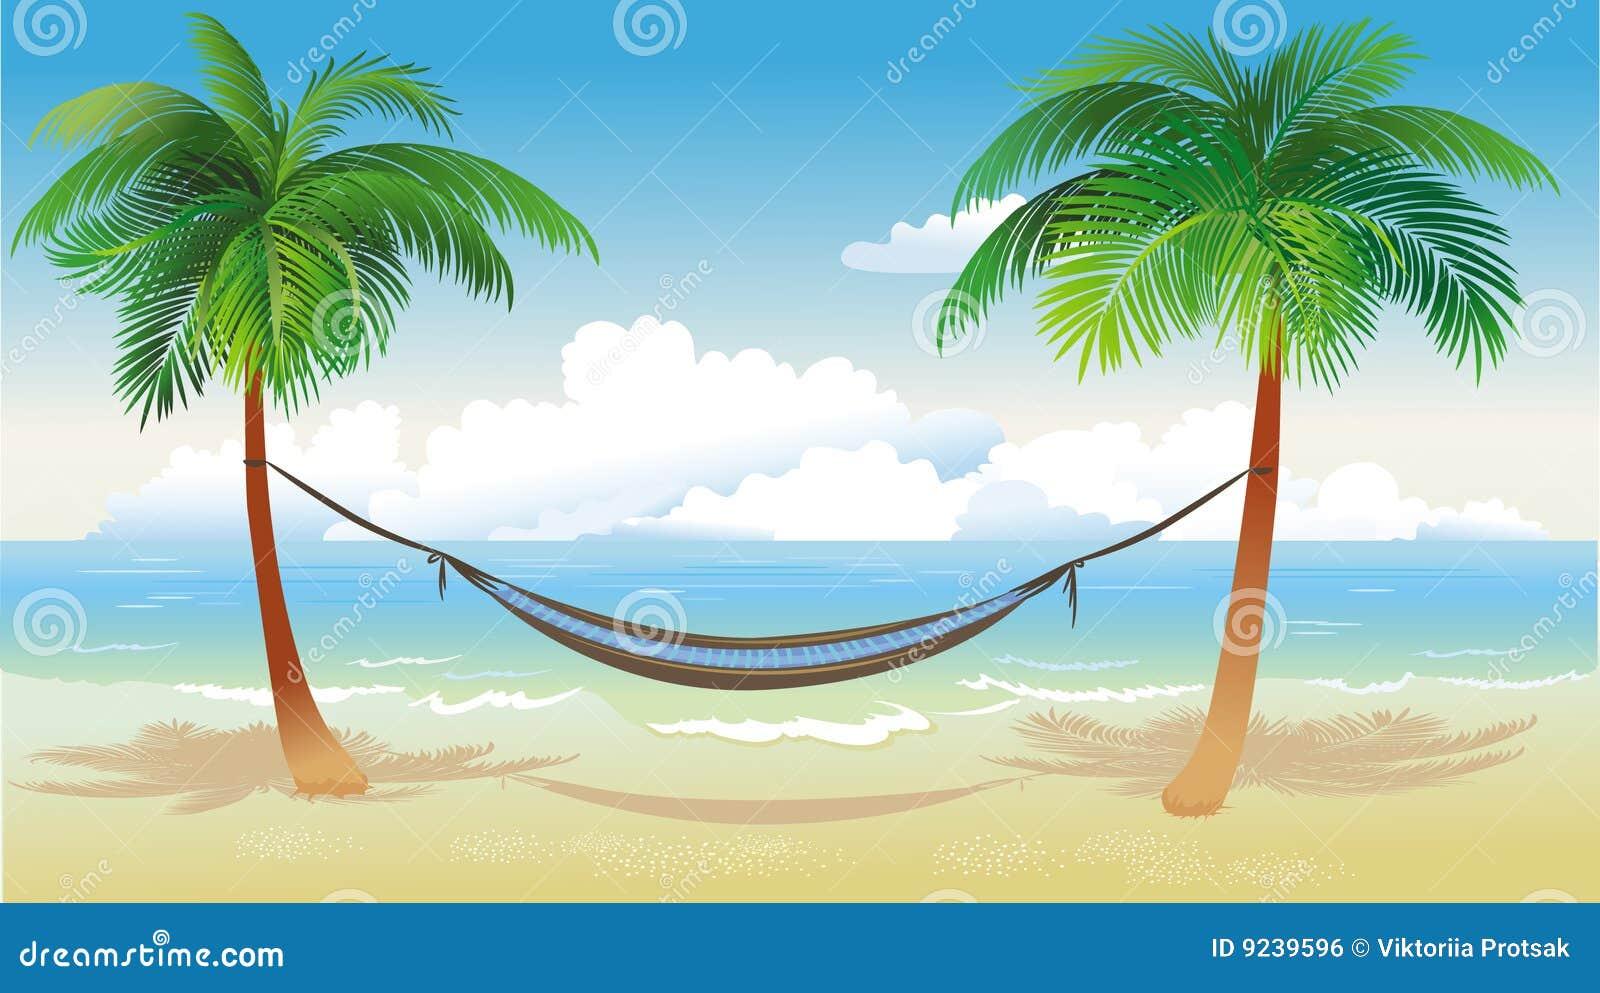 Hamaca y palmeras en la playa imagen de archivo libre de - Hamacas de playa ...